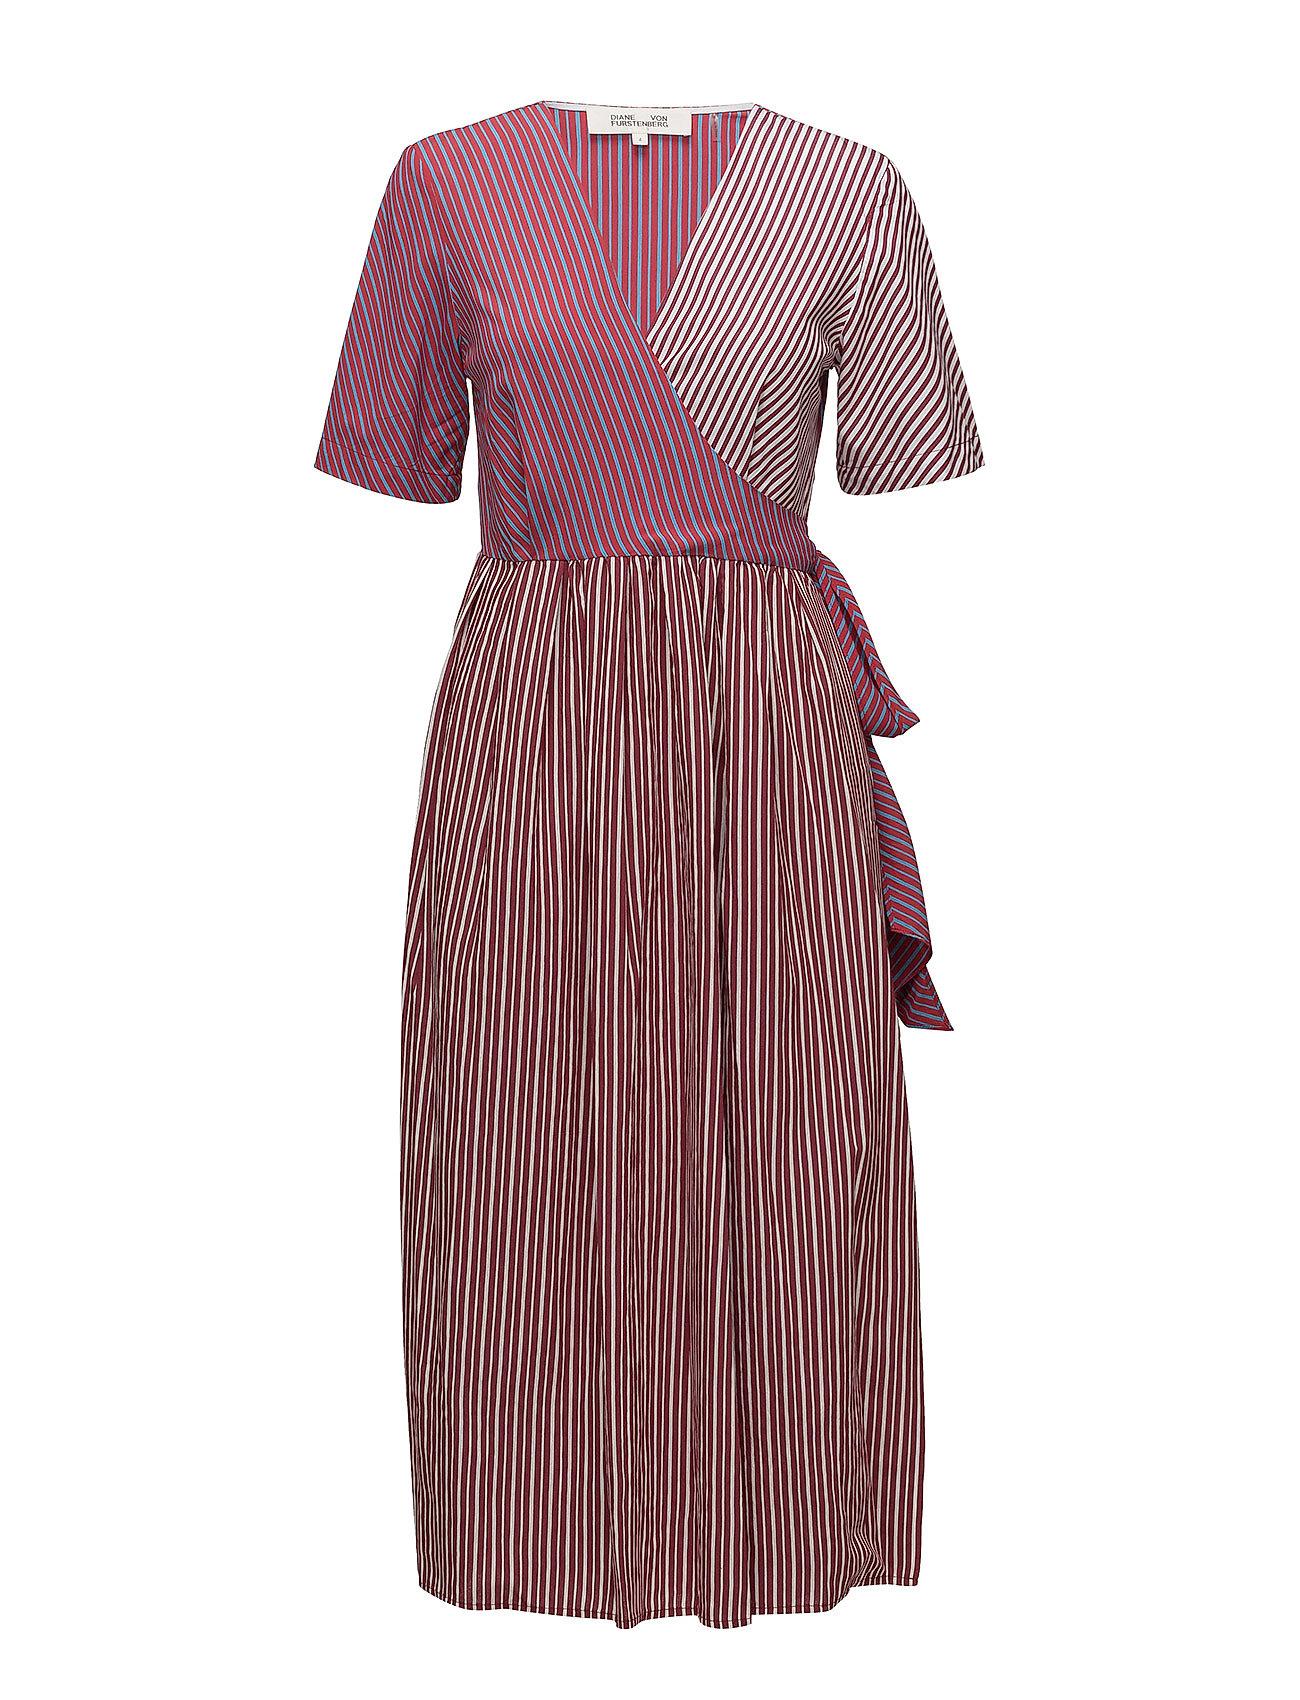 S/S Wrap Dress - Diane von Furstenberg